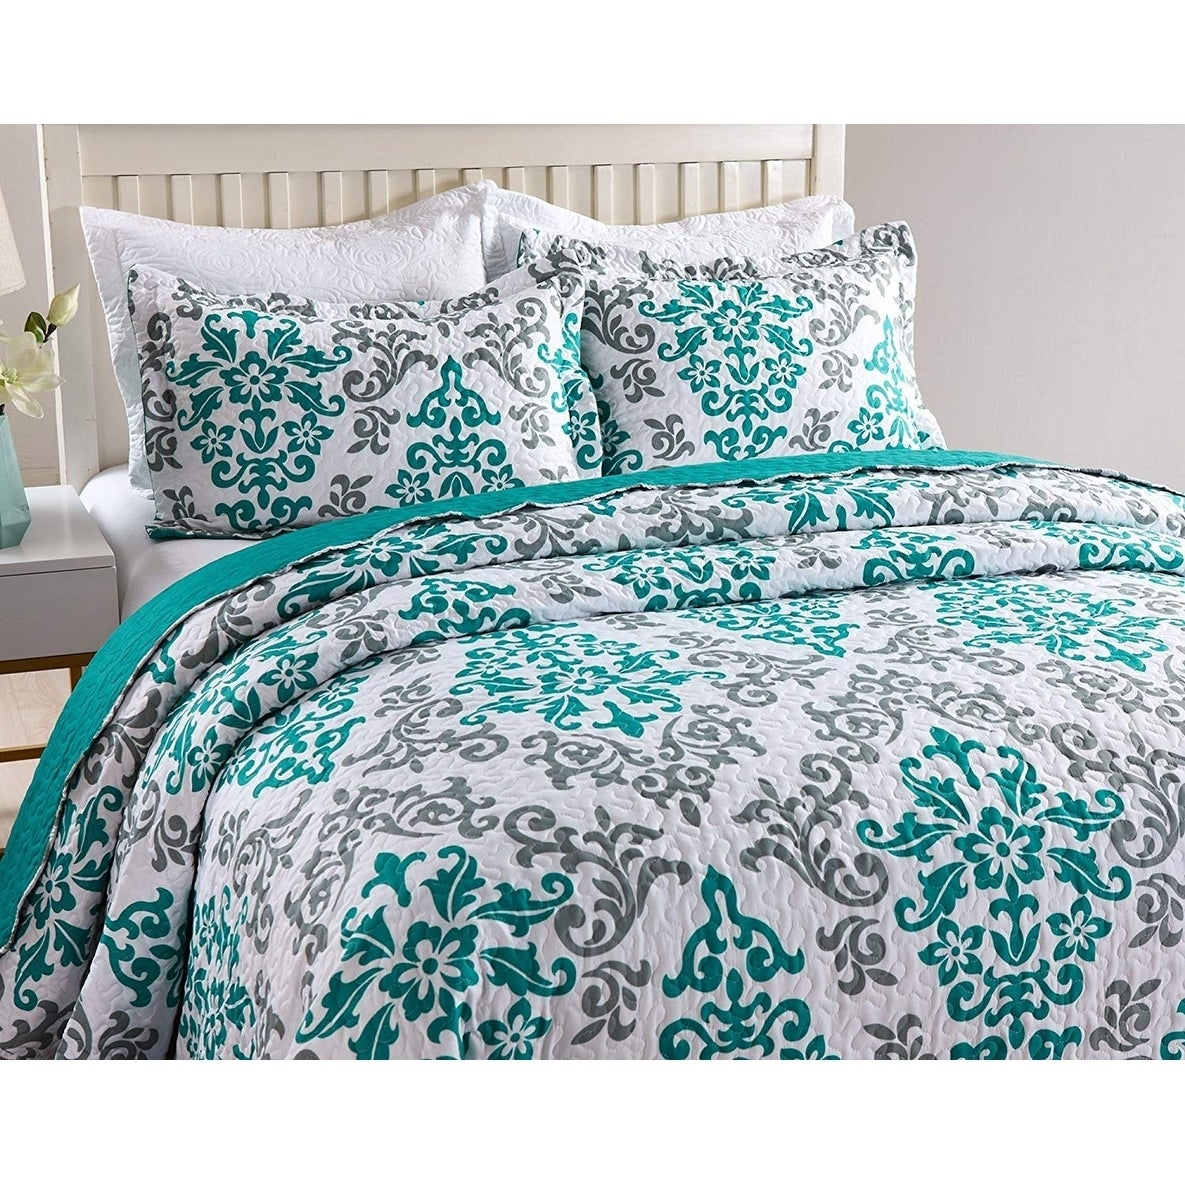 Soft Lightweight Printed Pattern Comforter Bedspread Coverlet Quilt Set King